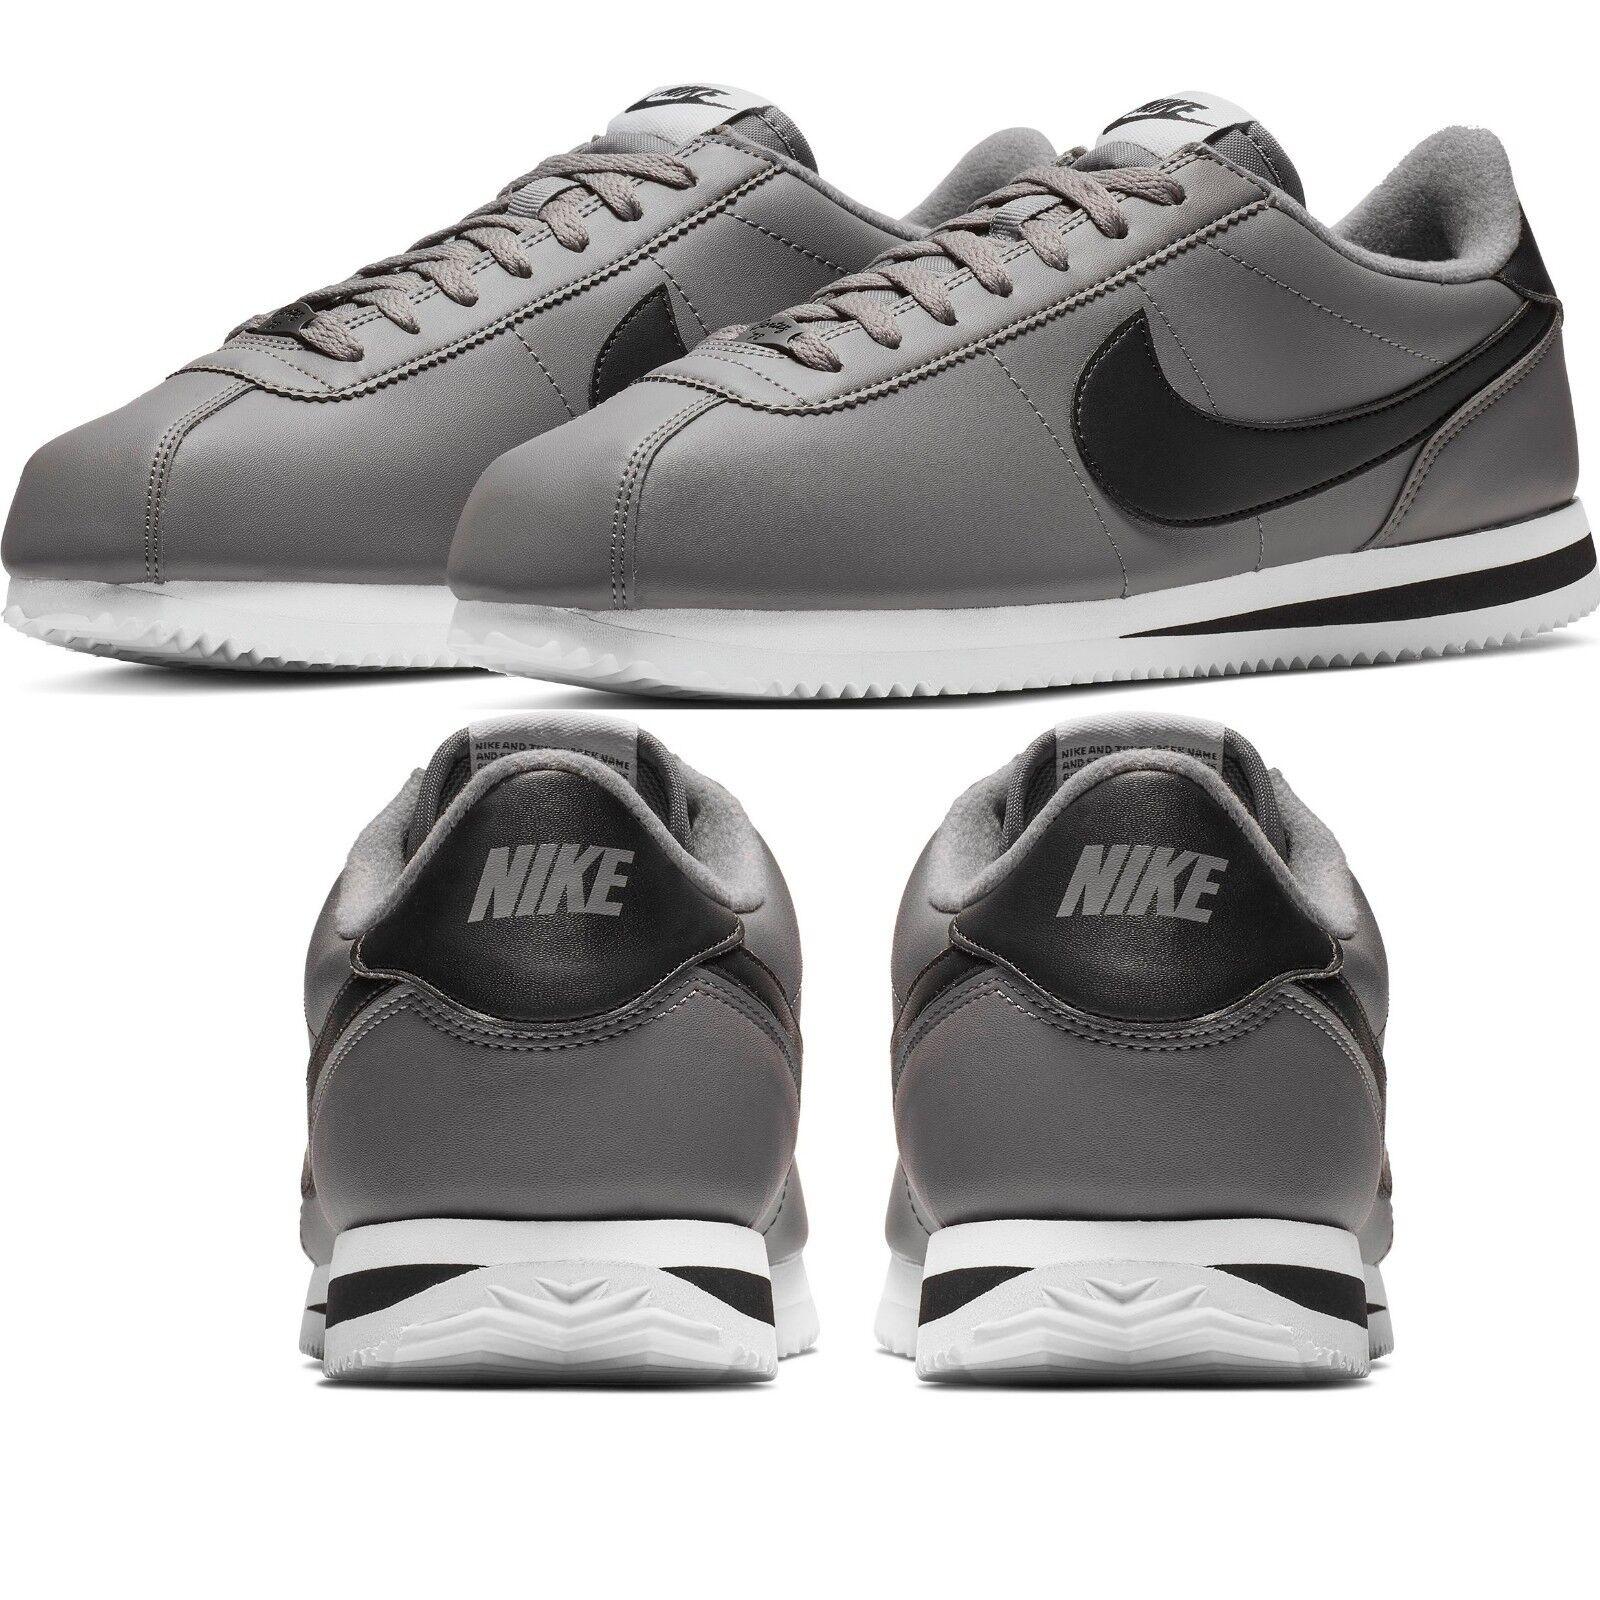 Nike Cortez Basic Men's Sneakers Lifestyle Comfy shoes Gunsmoke White Black